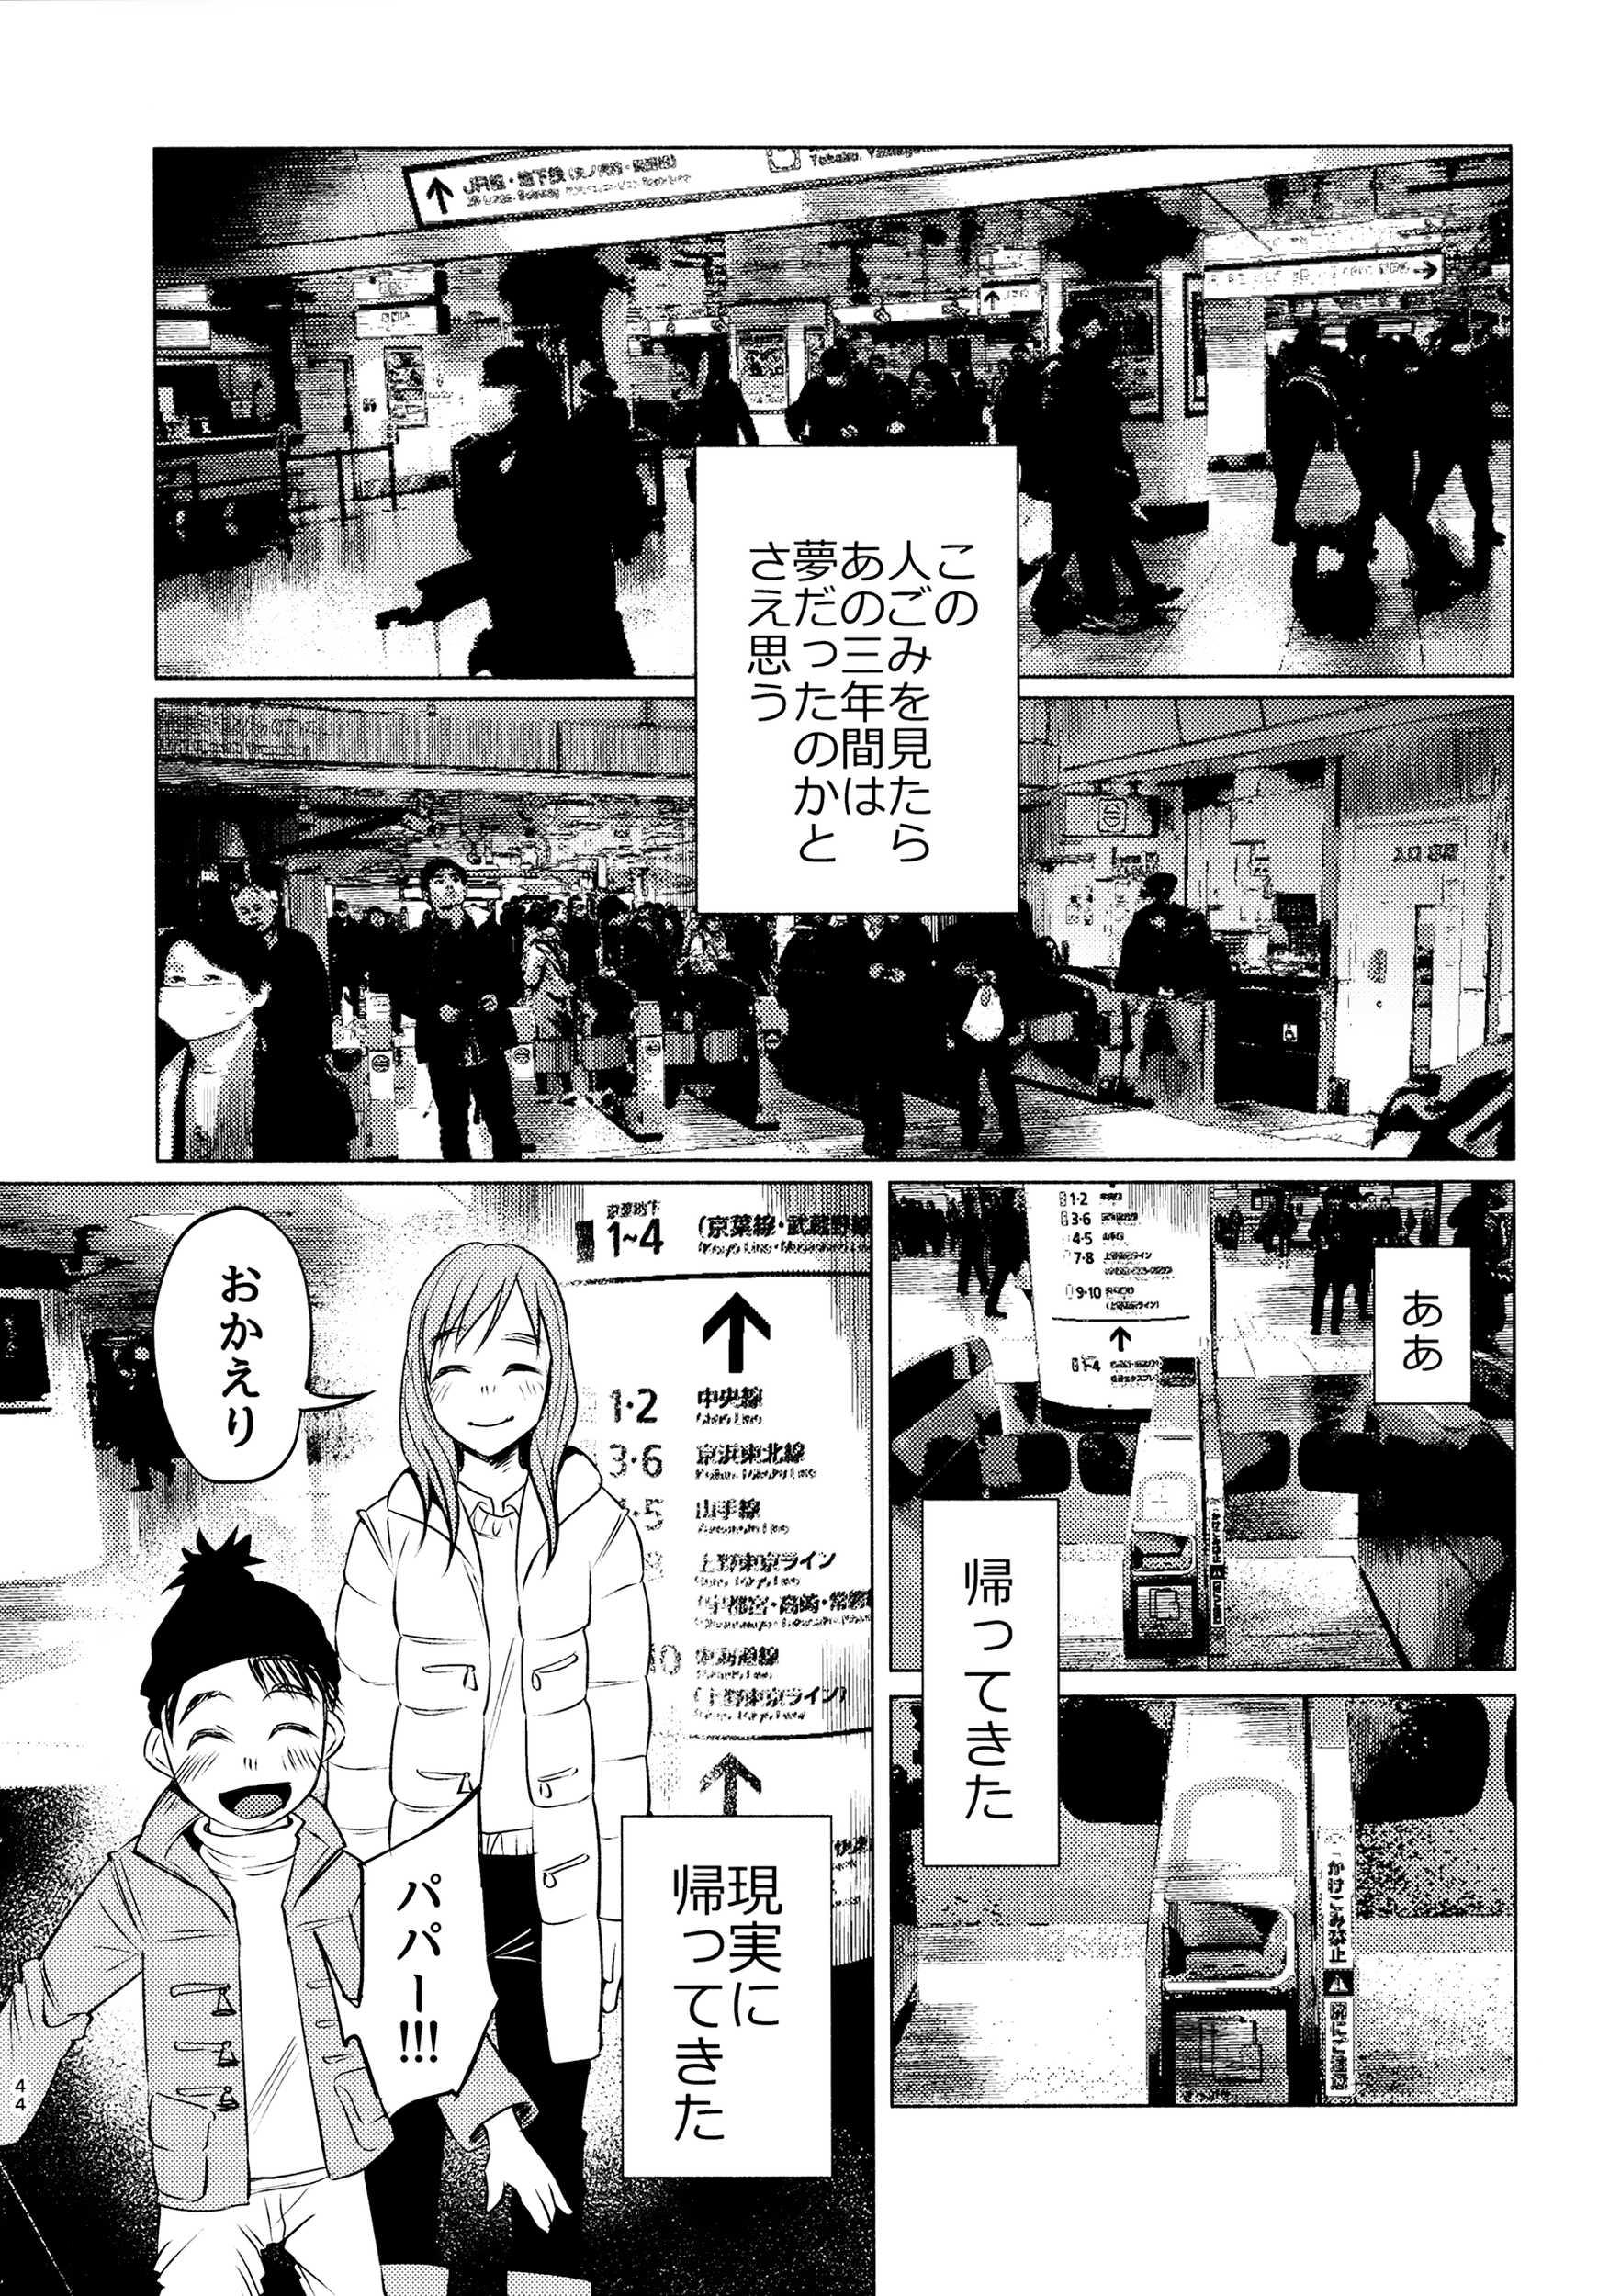 【エロ漫画】ウブな田舎娘に手を出したらヤンデレ化して逆レイプされるww【無料 エロ同人誌】 (42)